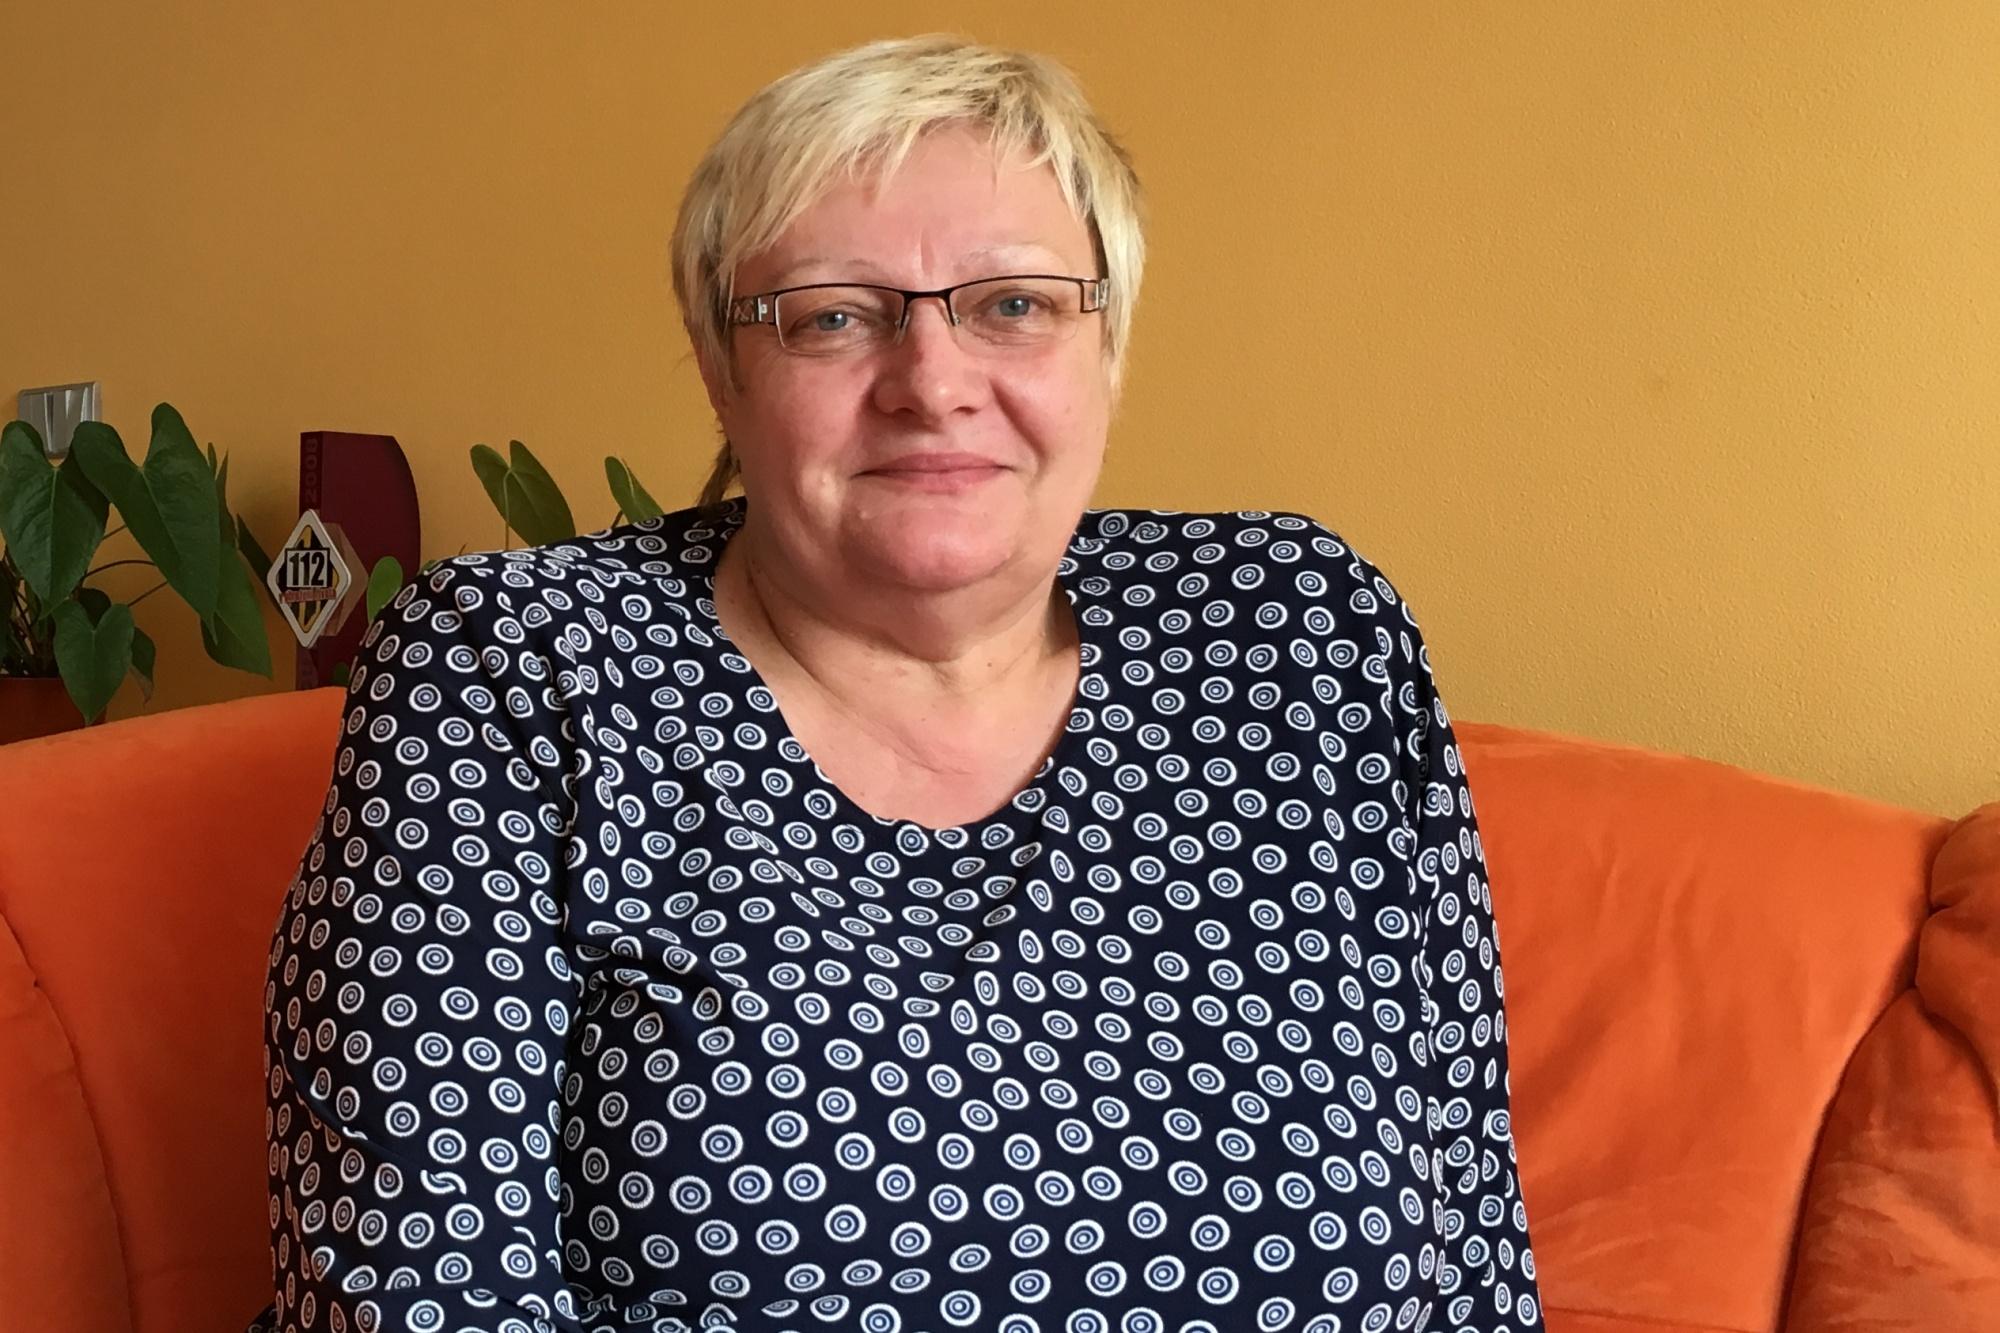 Energická blondýna Naďa Tomčíková byla při nehodě ve Studénce ve druhém vagonu vlaku